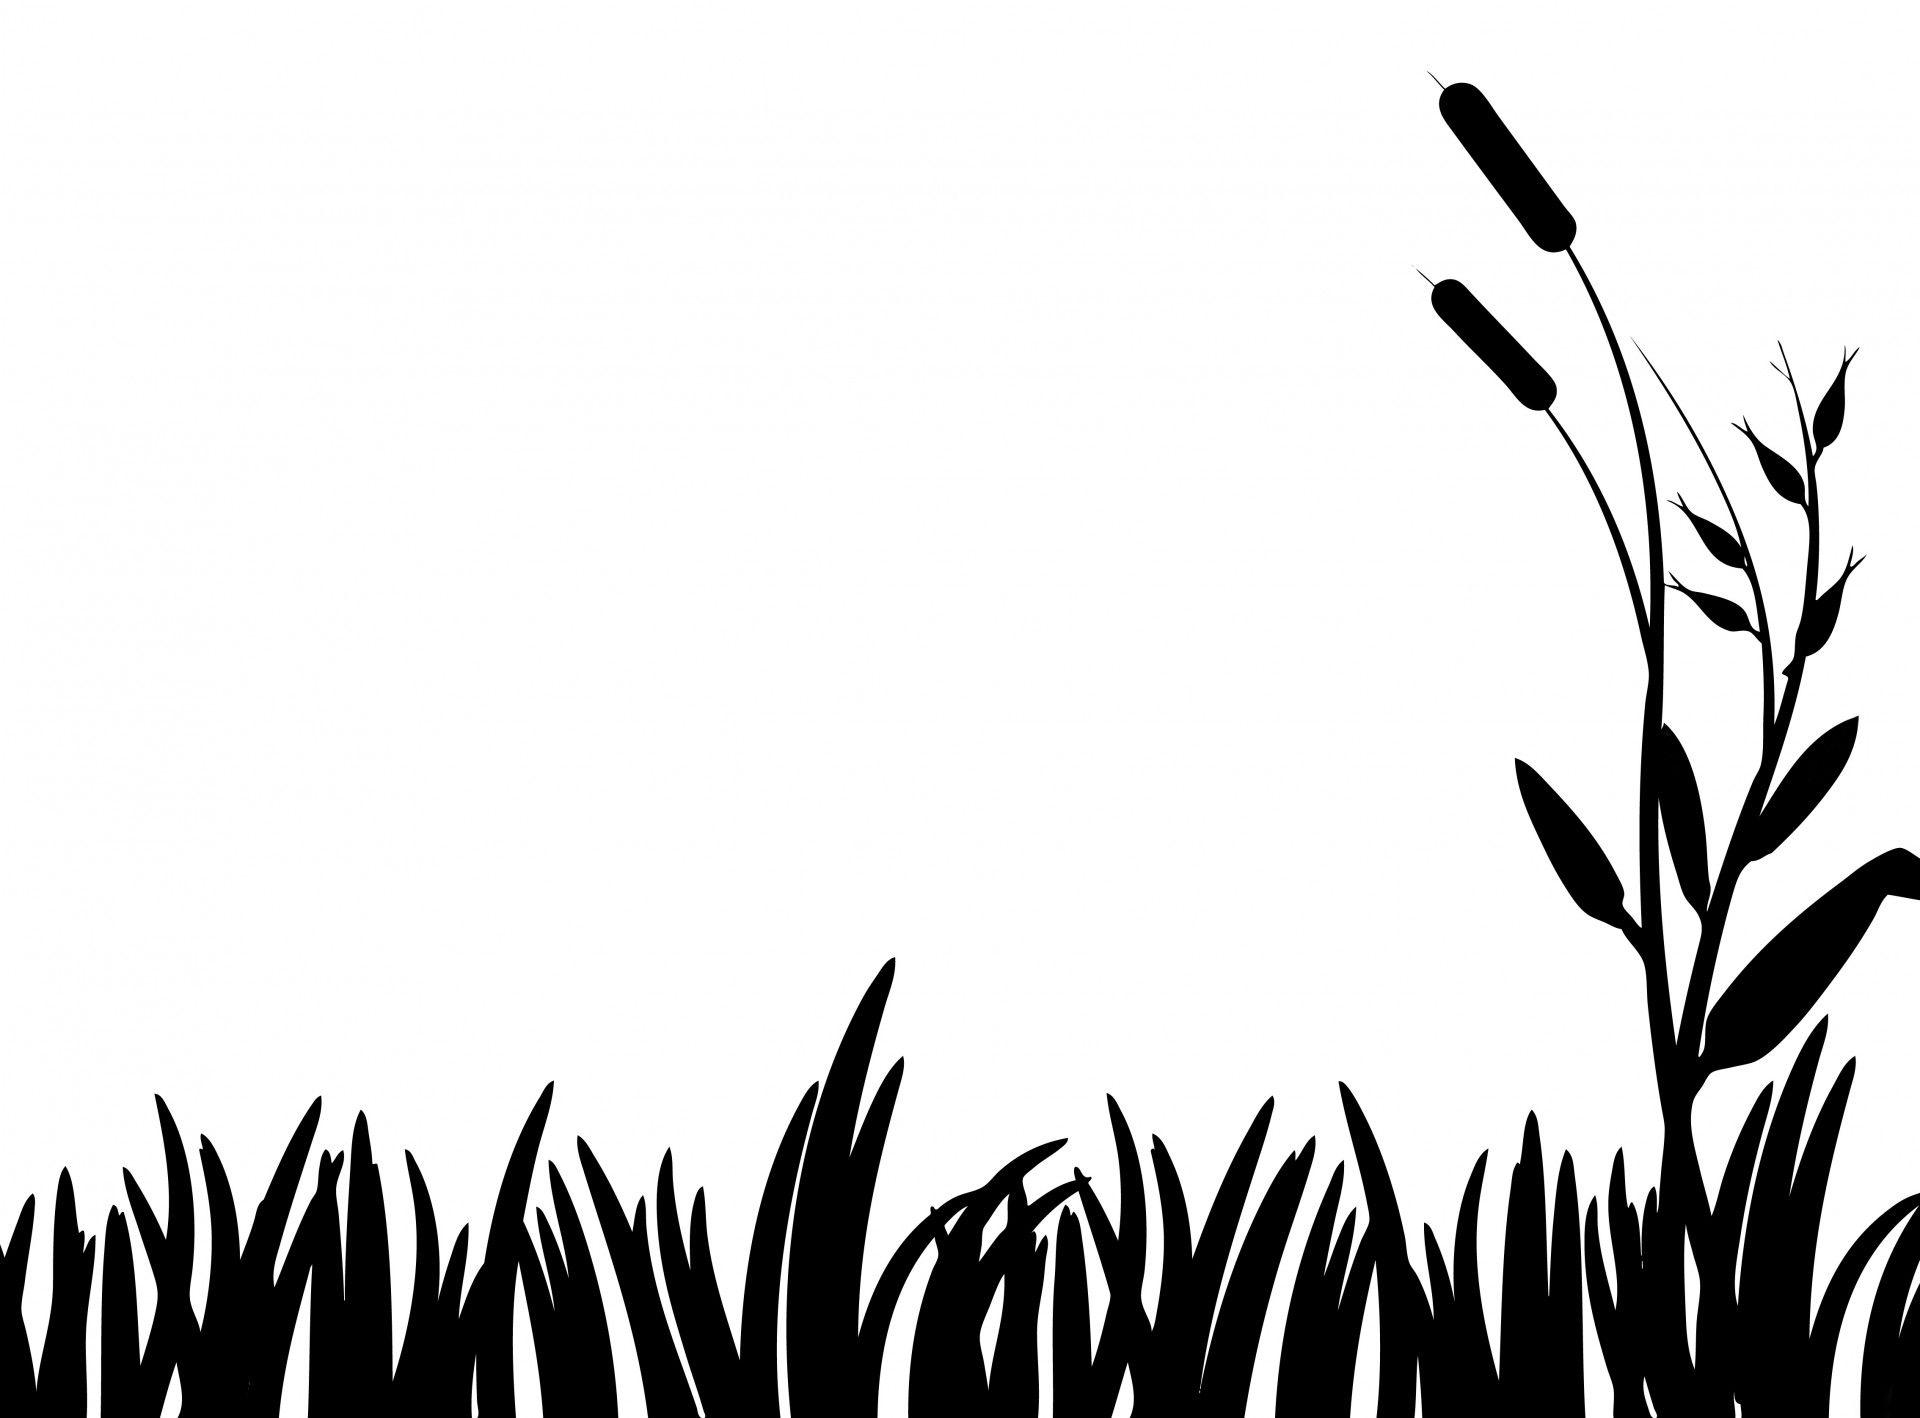 1920x1418 Grass Silhouette Clipart Stencils Grasses